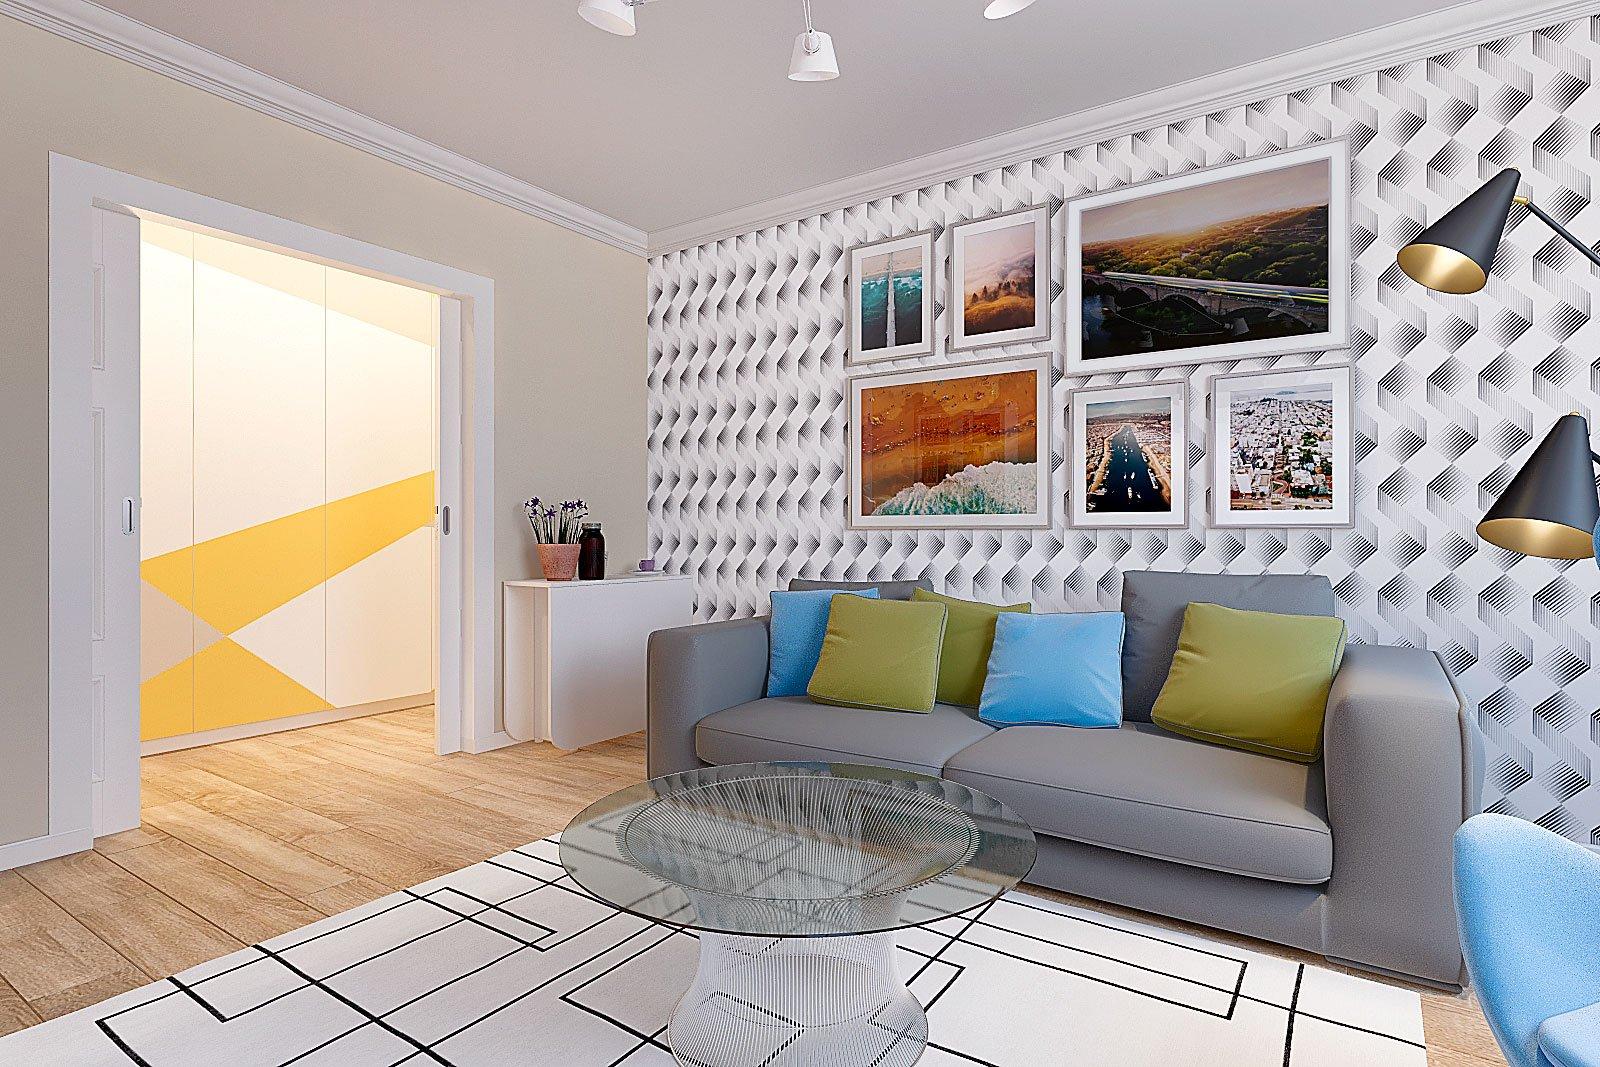 дизайн интерьера гостиной, Гомель 2018, Гостиная, серый диван, шкаф витрина икеа Билли, люстра для низкого потолка, стеклянный столик, цветные подушки, изображение №2, Дизайн интерьера квартиры в Гомеле - Дизайн студия Сергея Карпенко